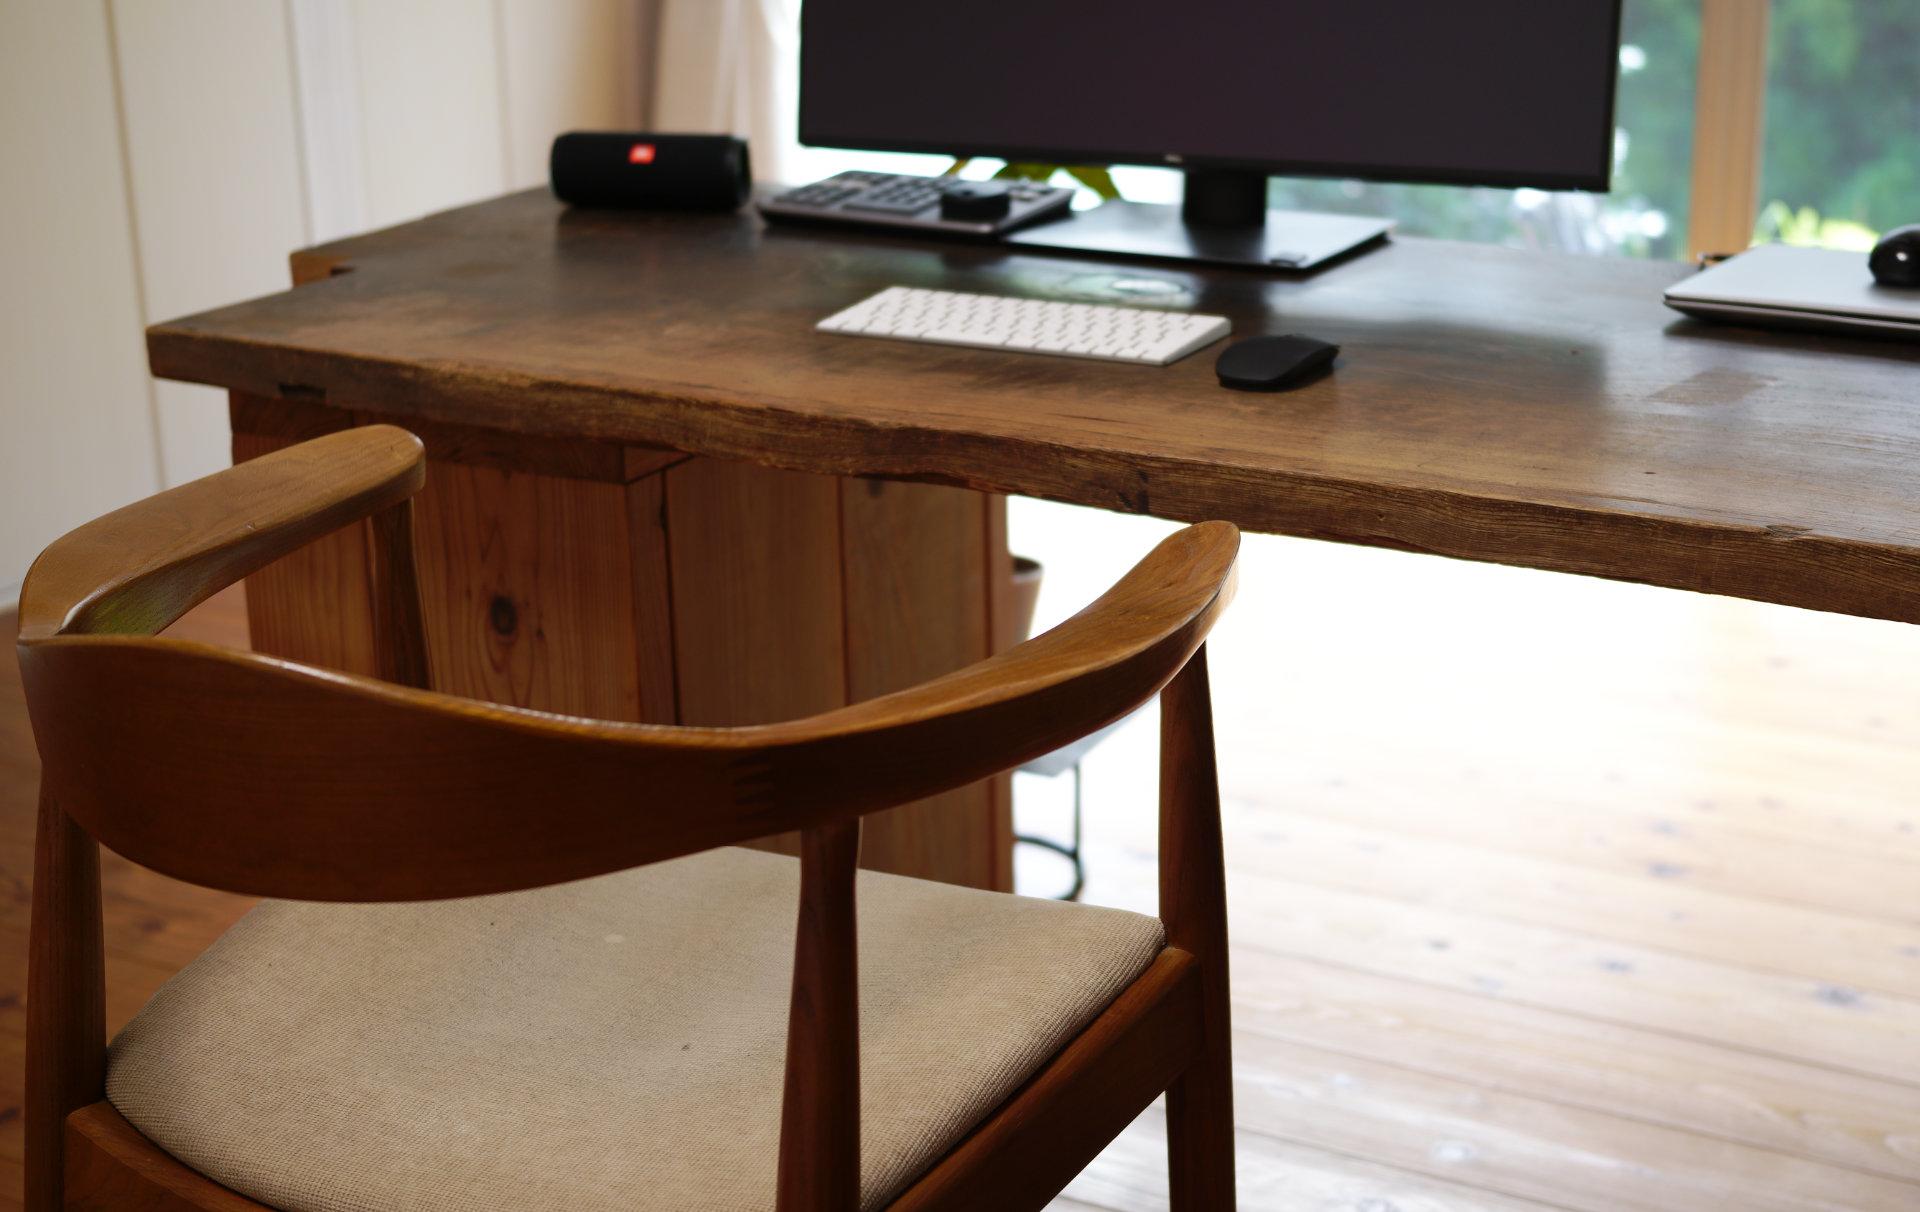 PCデスク設置イメージ北欧デザイナーズ木製チェア「PP503 The Chair / ハンス・J・ウェグナー」